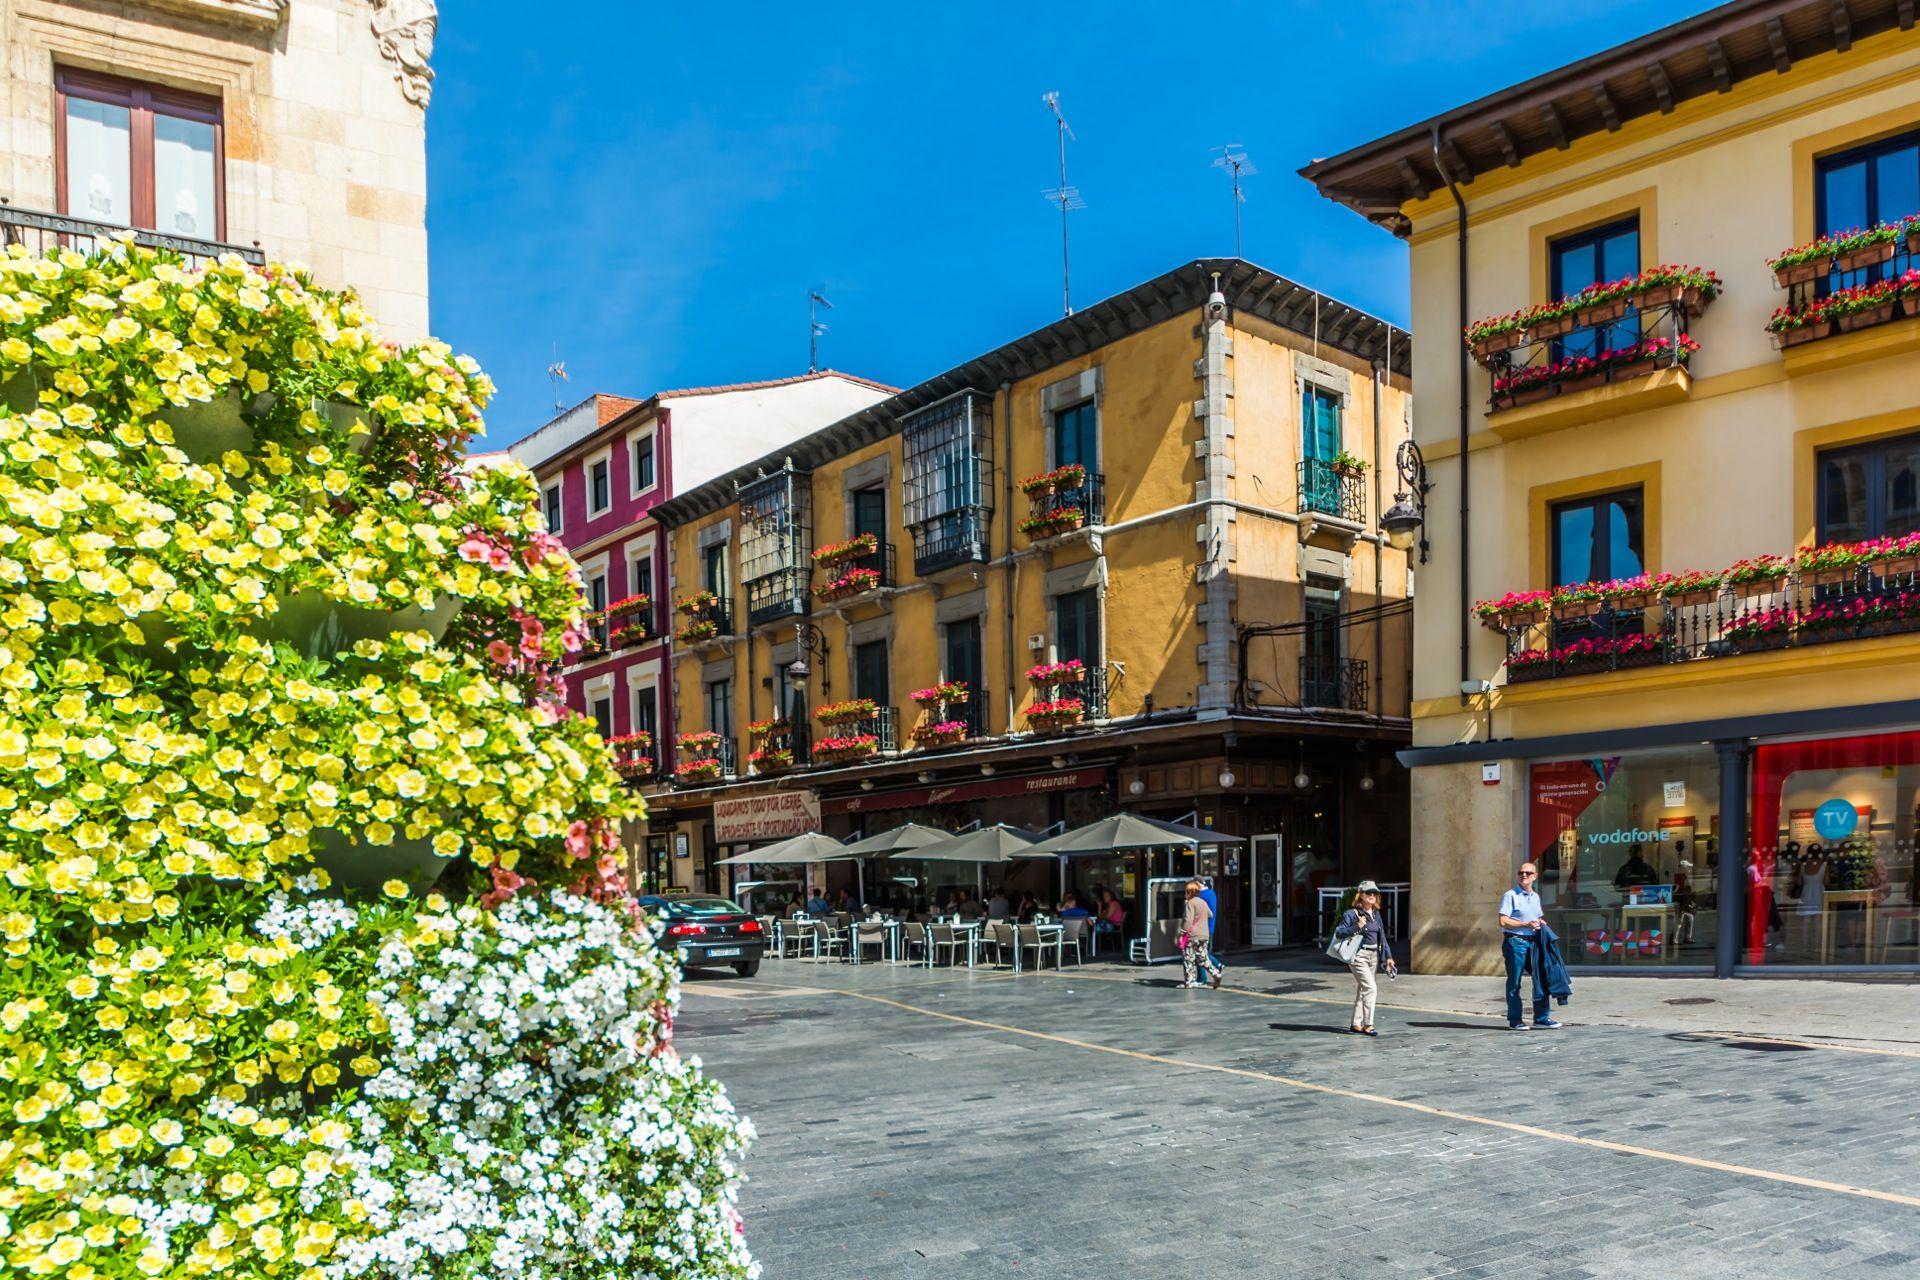 Hostel nuevo y al lado de la catedral de León